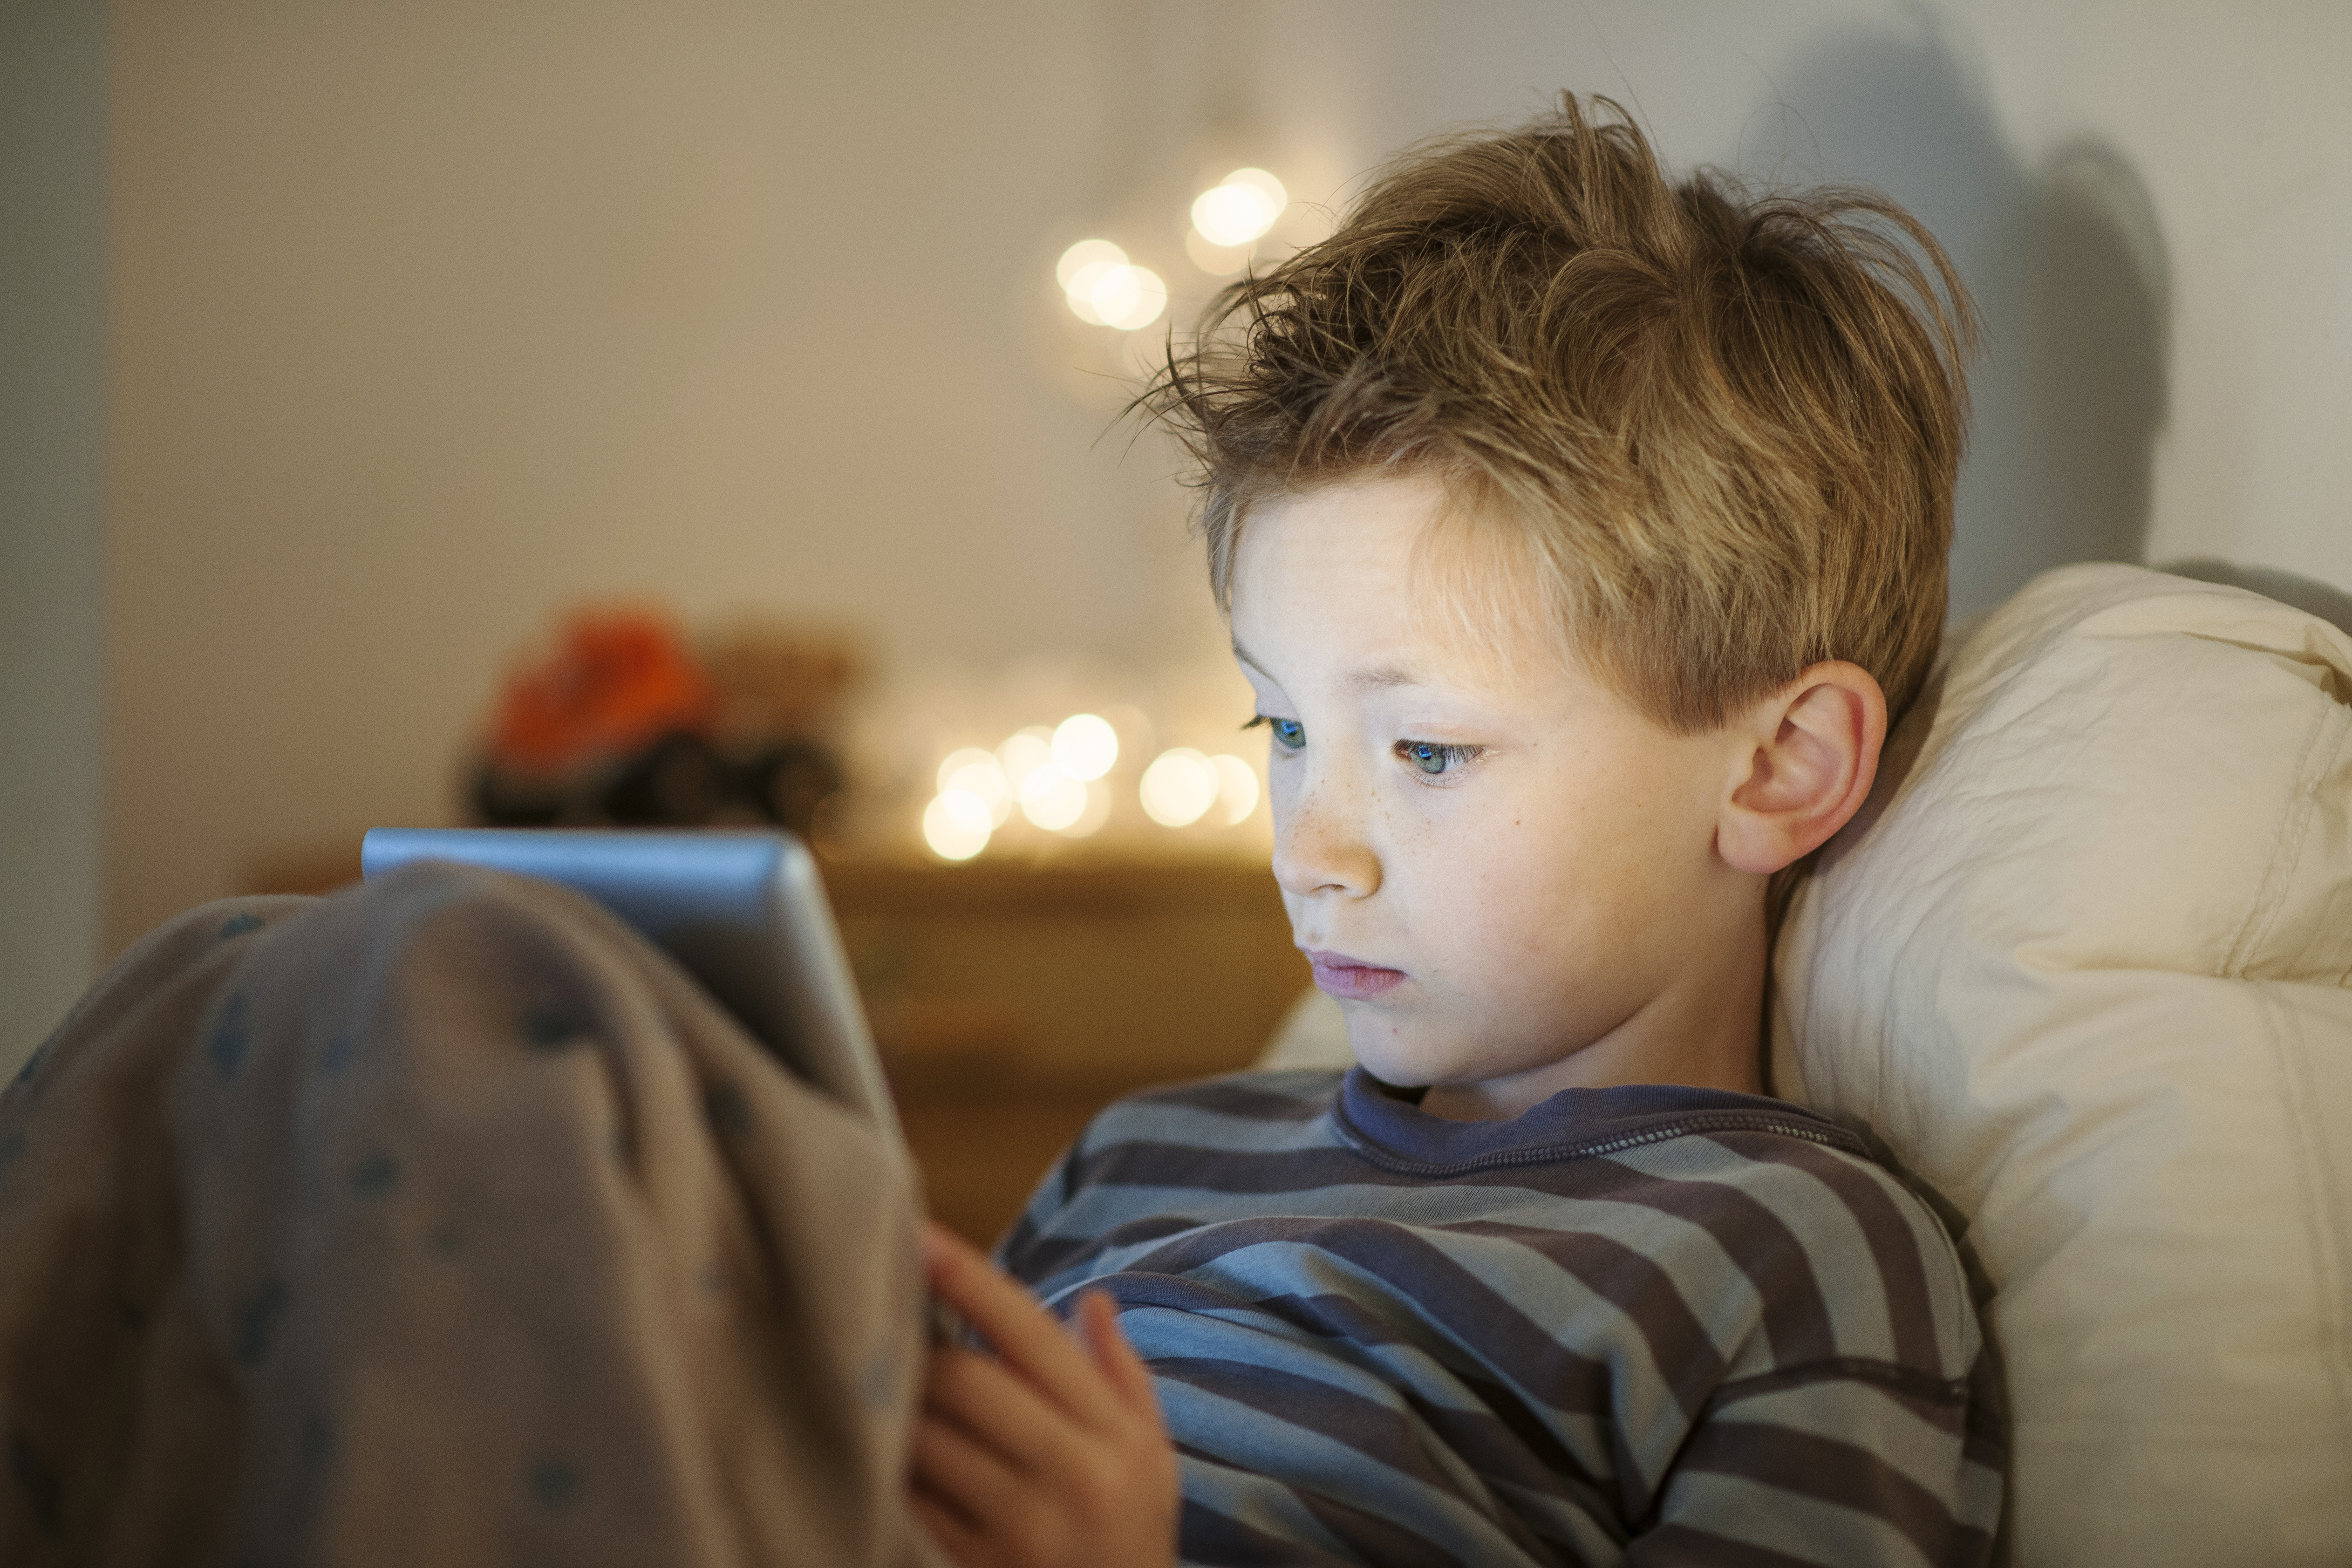 Tiden som barn spenderar framför en skärm påverkar direkt ögonens utveckling menar forskarna.